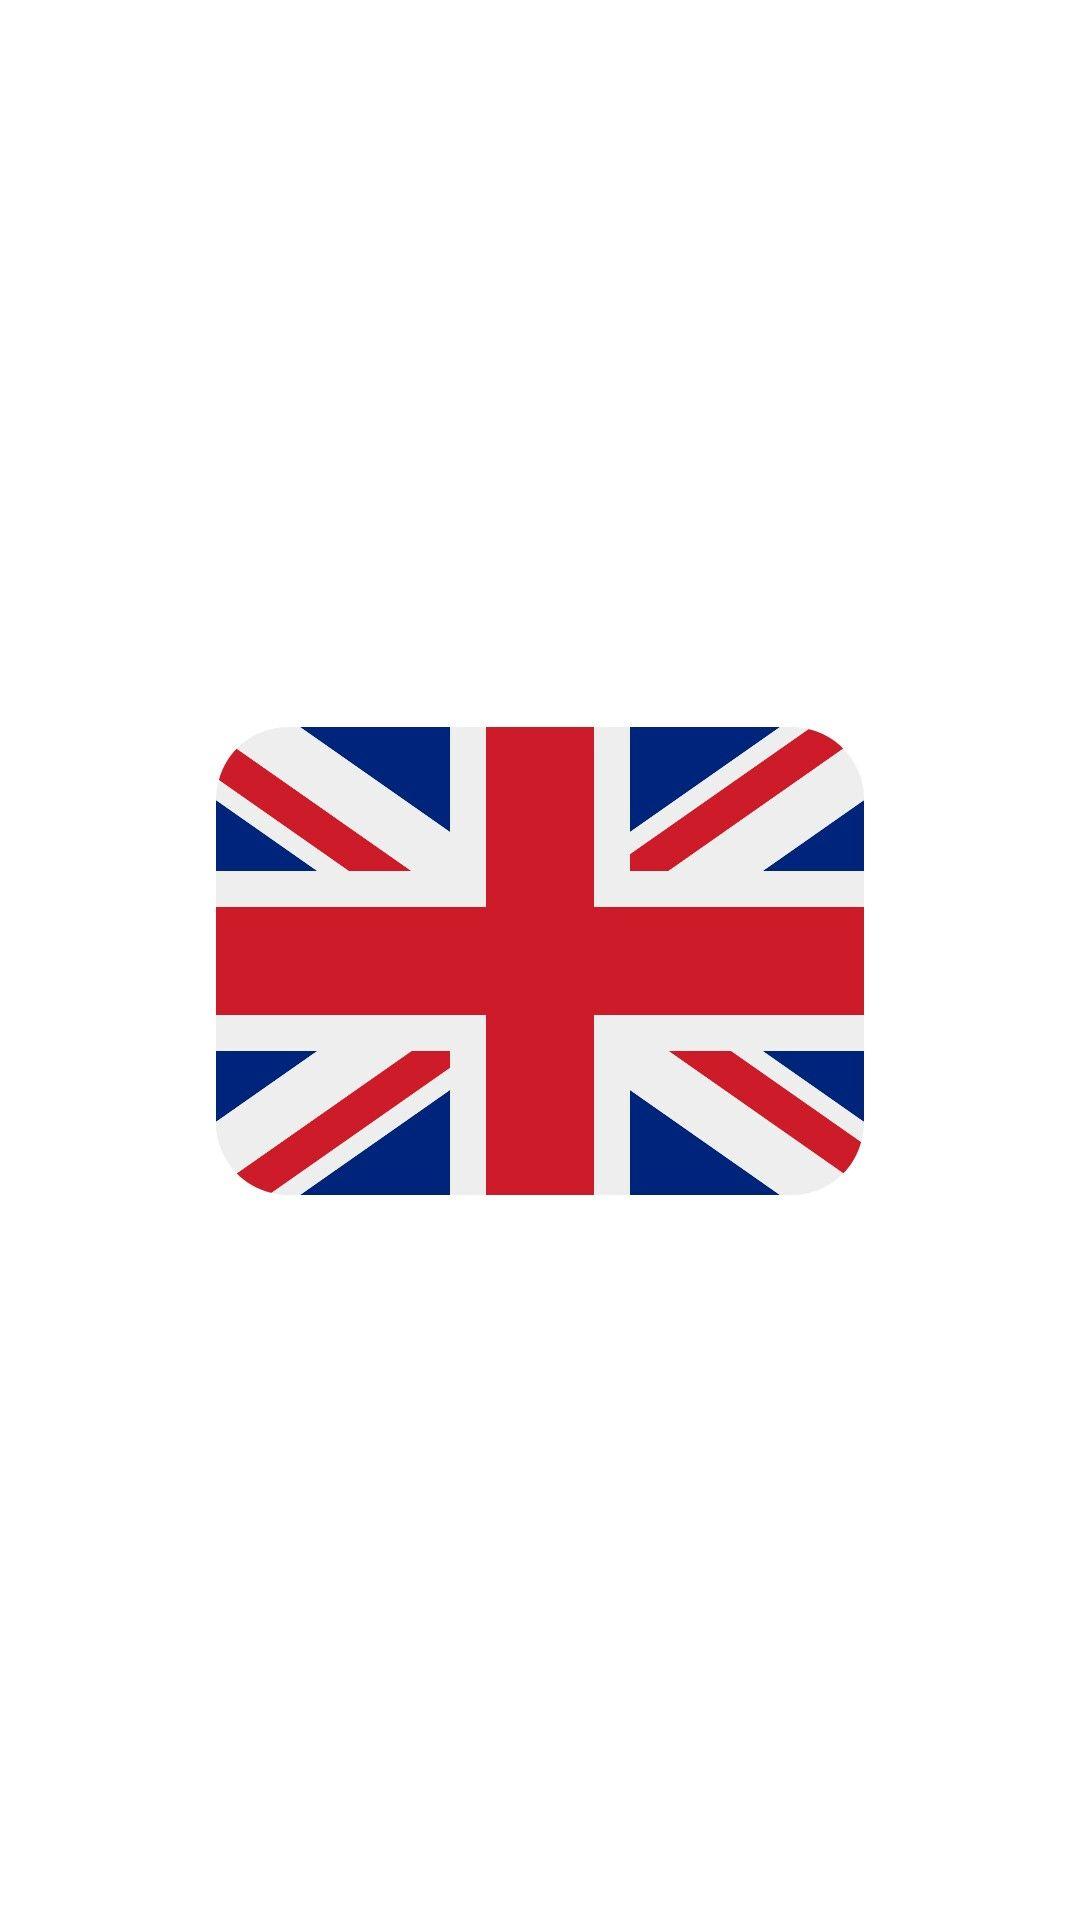 Pin De Sofi Salmoiraghi Em Banderas Em 2020 Bandeira Britanica